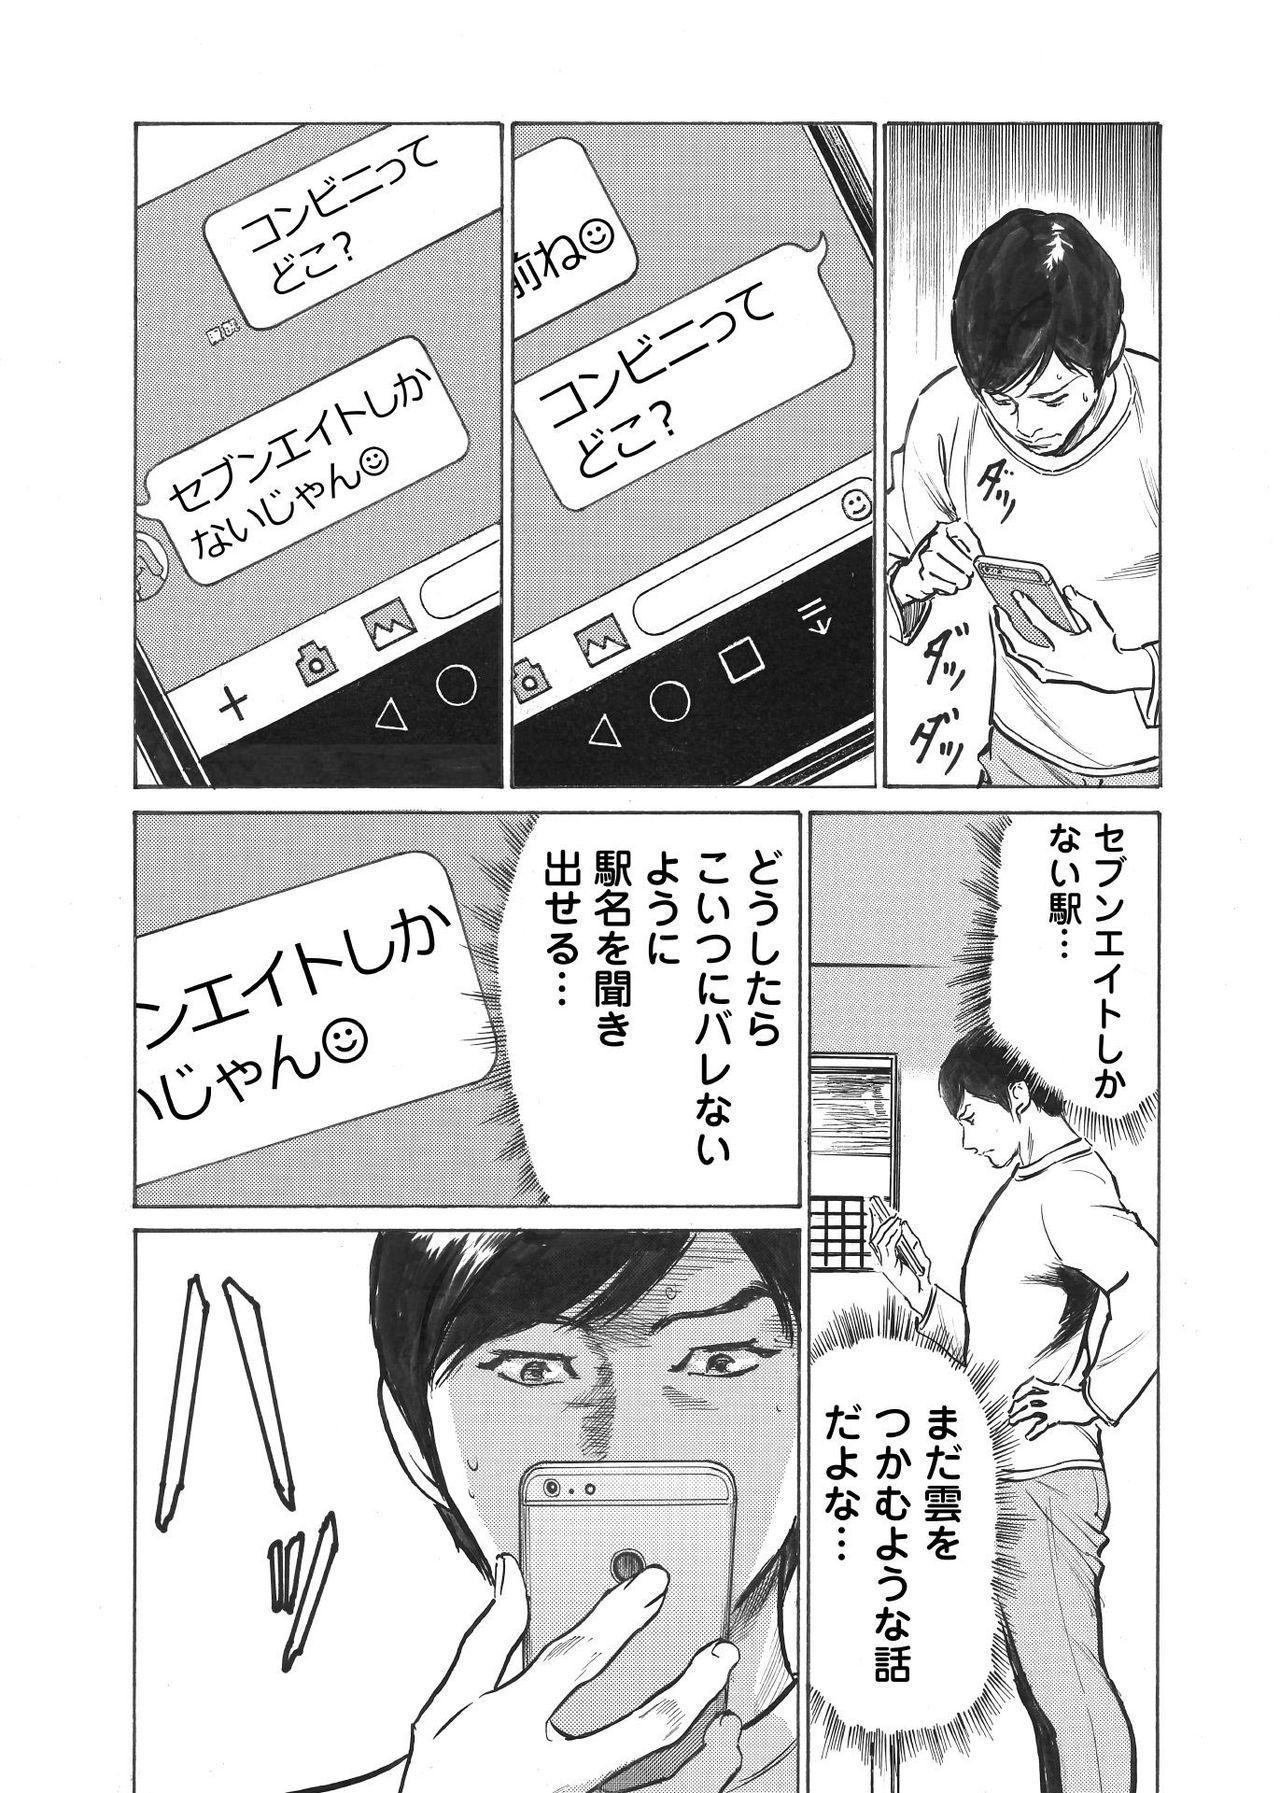 Ore wa Tsuma no Koto o Yoku Shiranai 1-9 33